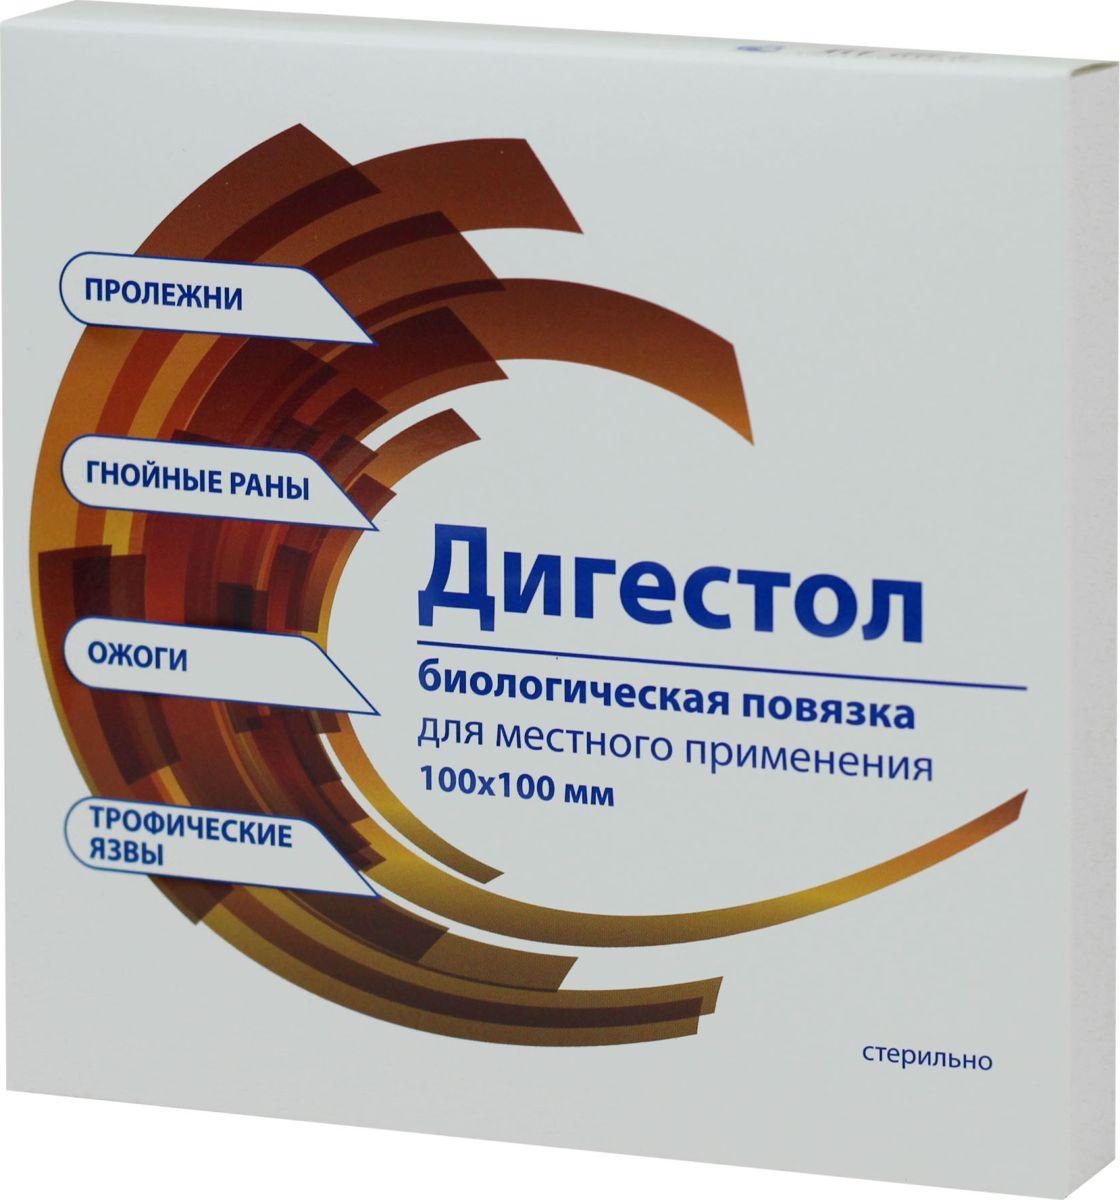 Повязка биологическая Дигестол, 100 х 100 мм61092Саморассасывающееся раневое покрытие с антибактериальным и очищающим действием. Используется в стоматологии и в хирургии.